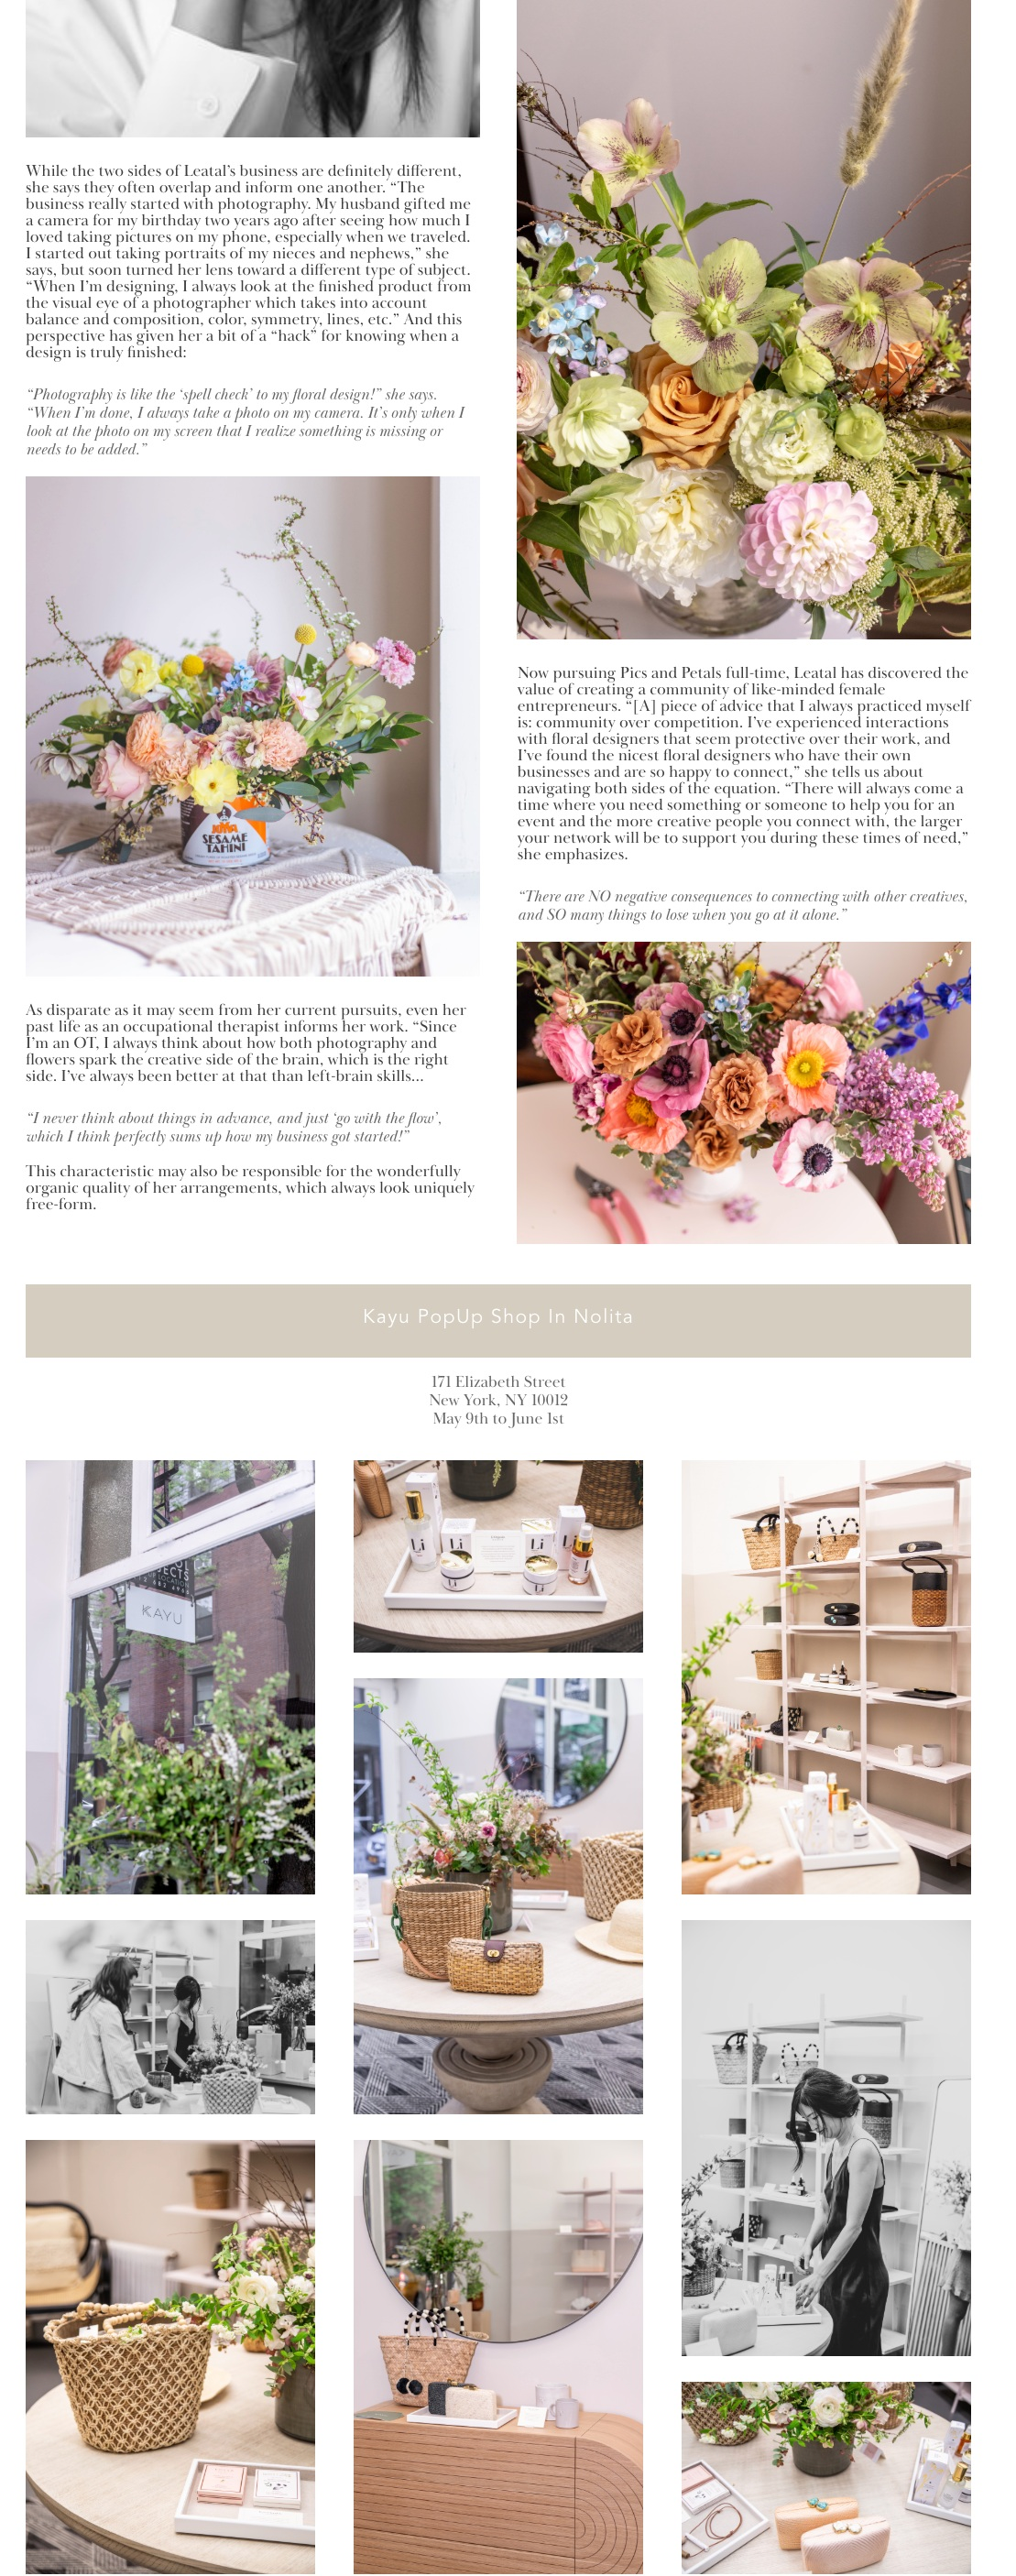 KAYU Design Blog May 2019